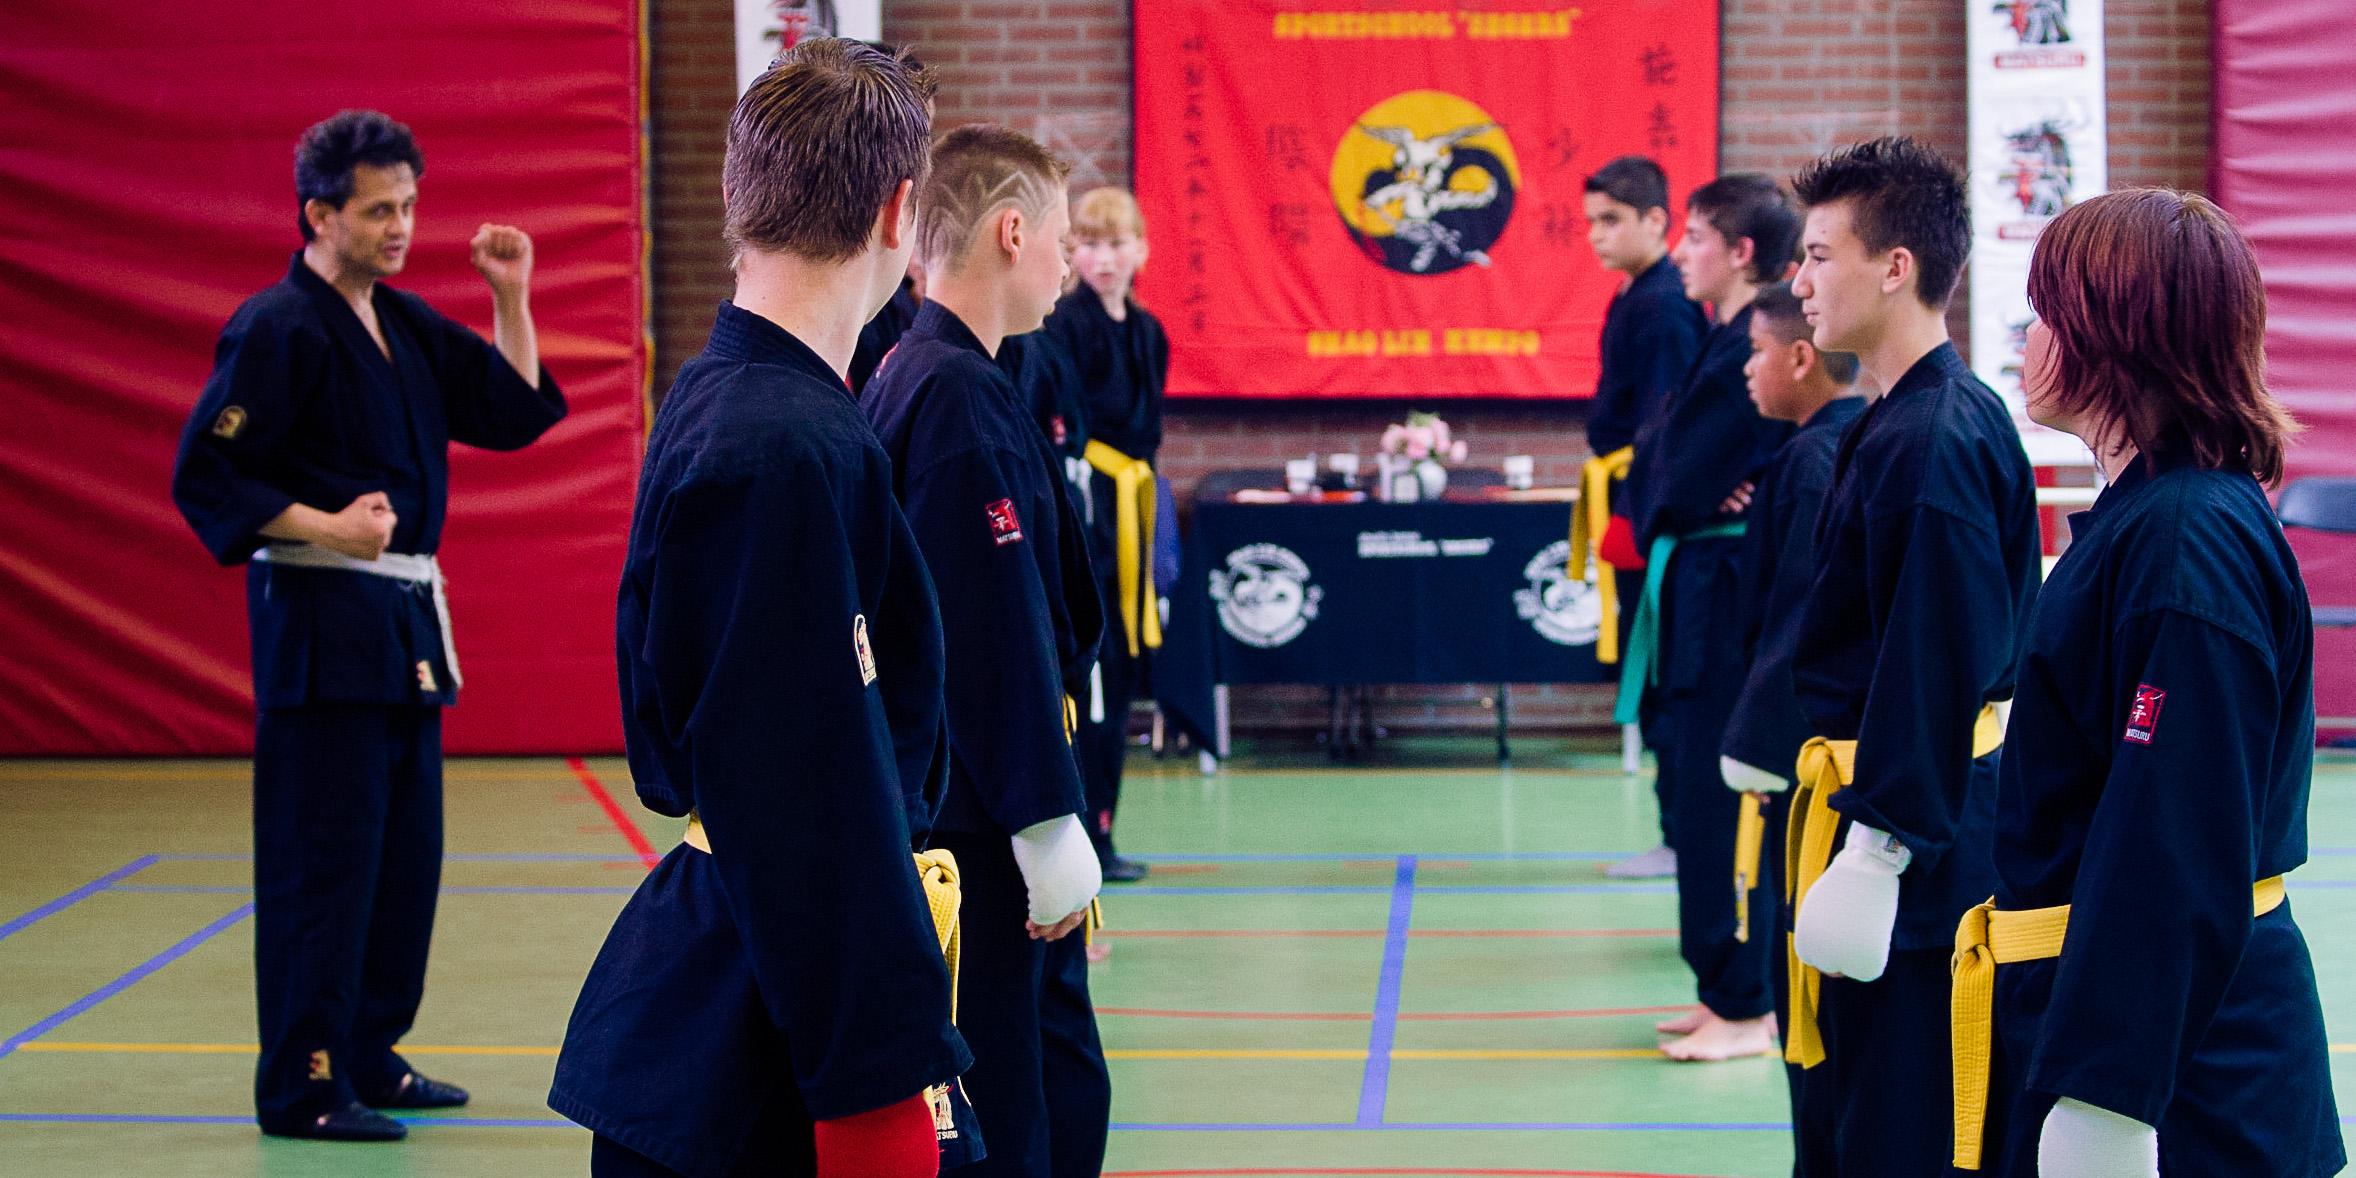 Shaolin Kempo Segers Slider-11.jpg